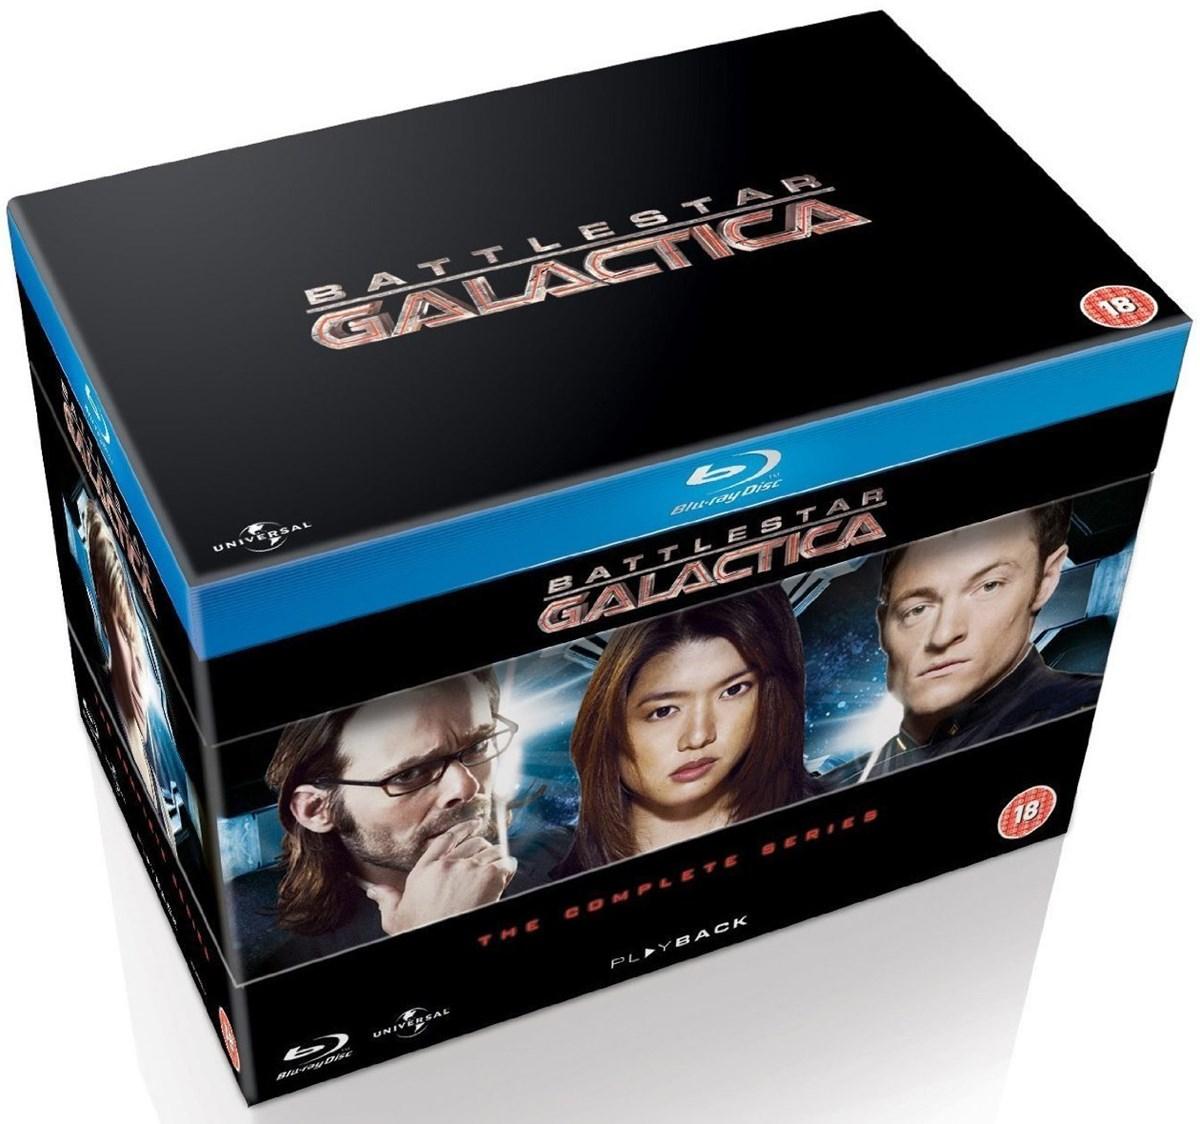 Battlestar Galactica The Complete Series (Blu-Ray) für 31.34€ @ Zoom